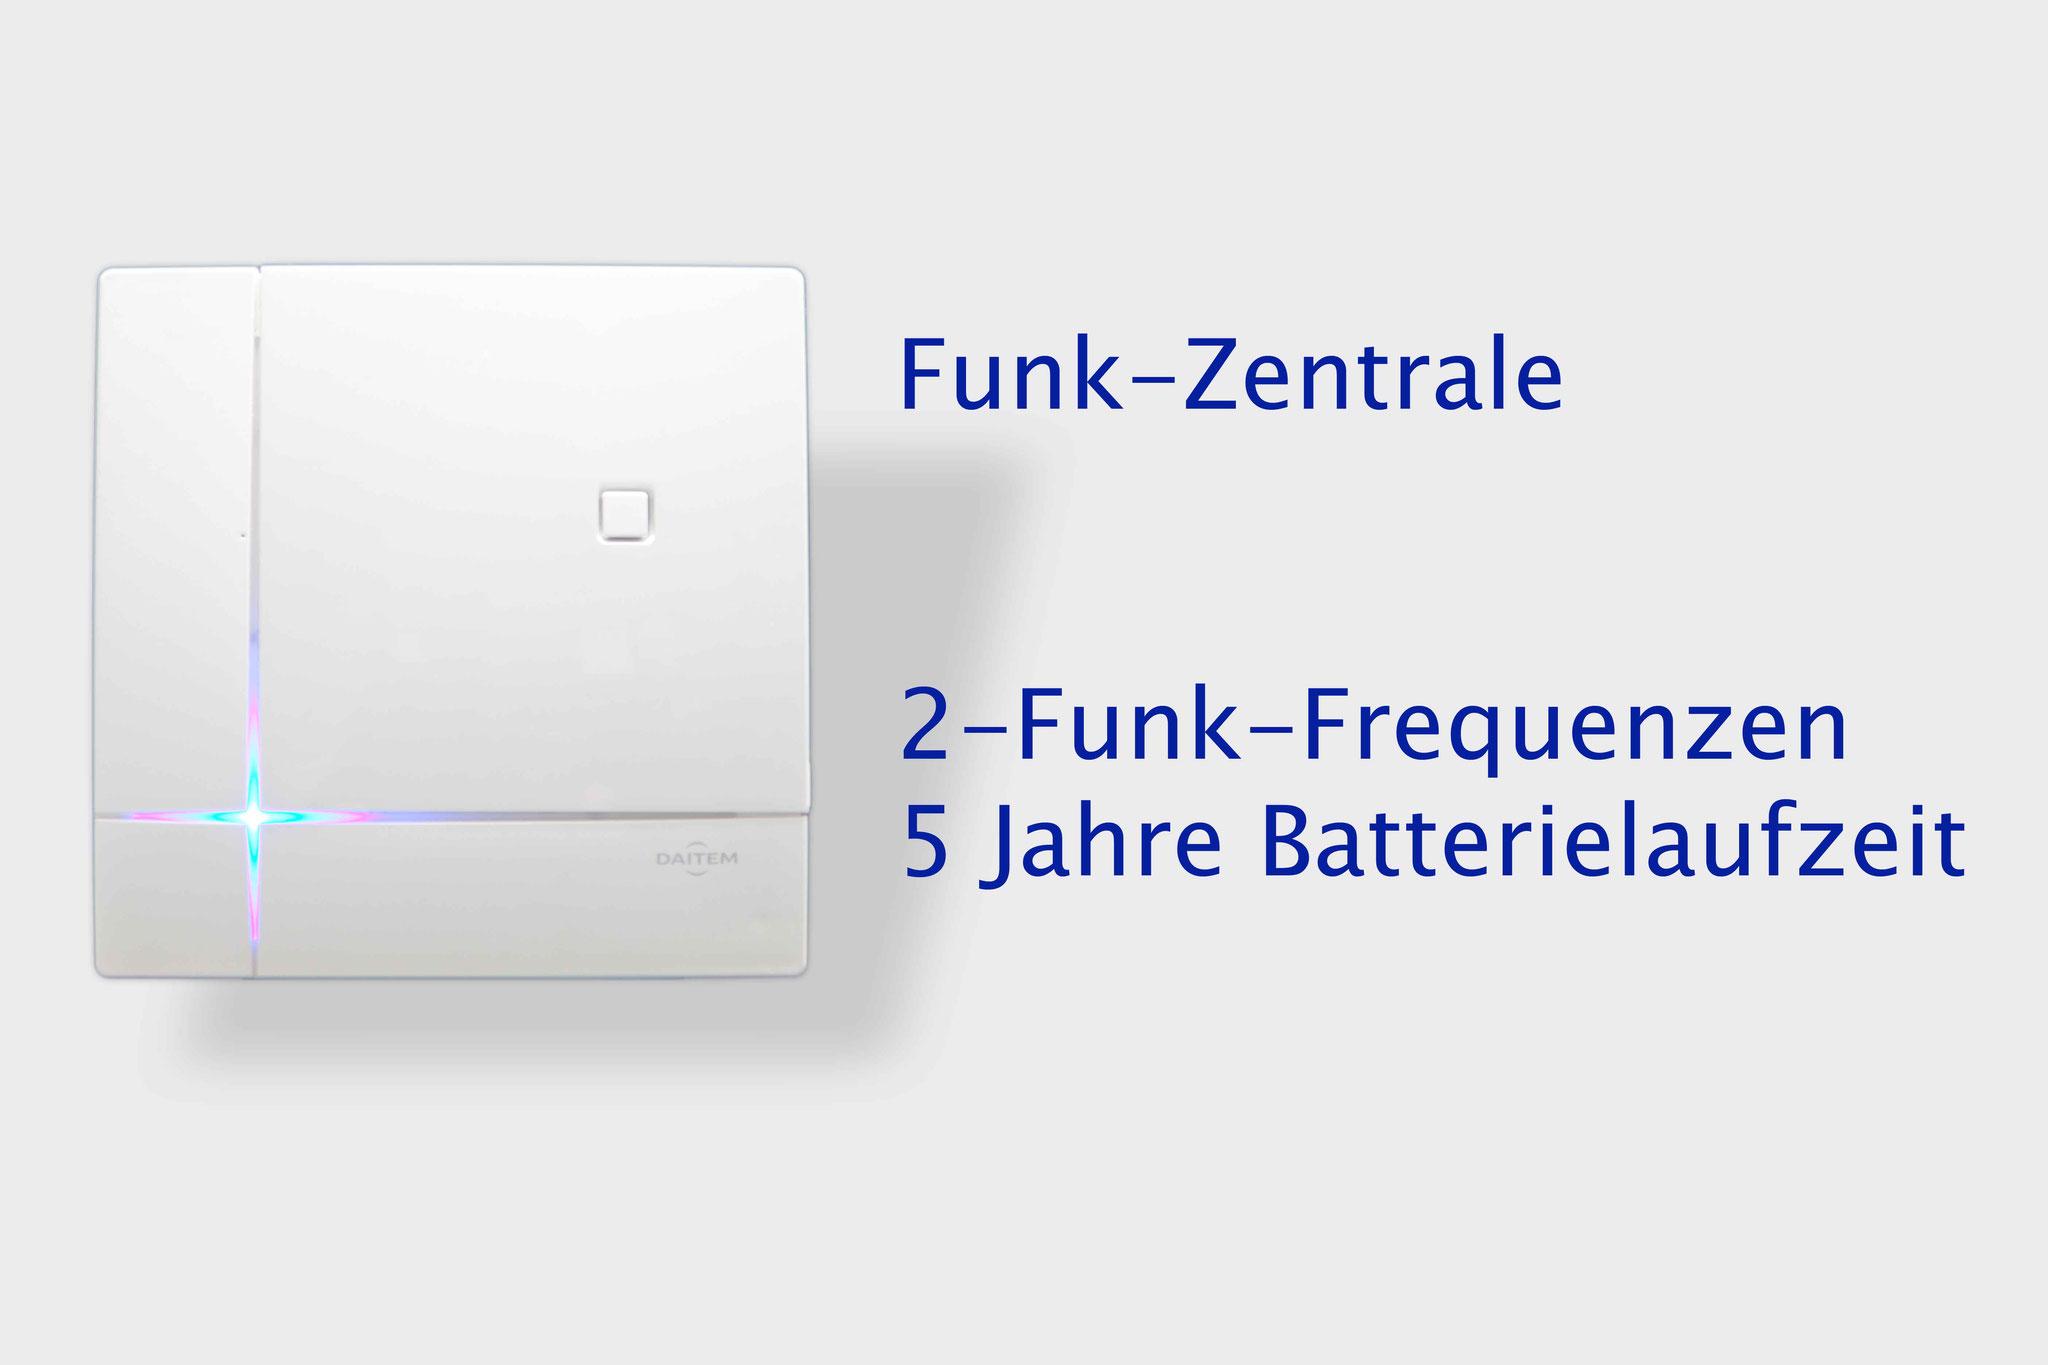 Funk Zentrale D22 mit 5 Jahre Batterielaufzeit